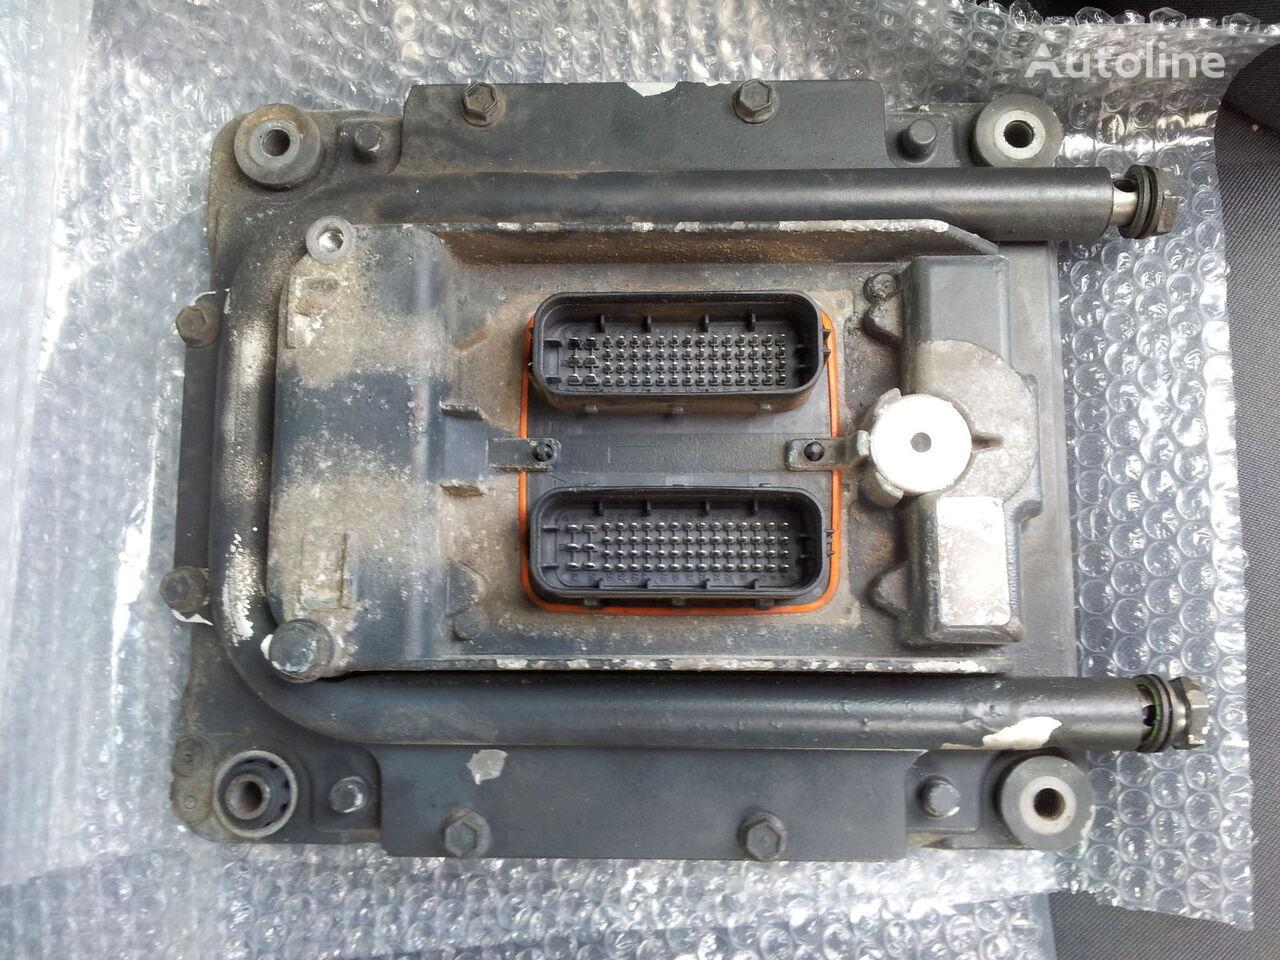 Renault Magnum DXI, engine control unit, EDC, ECU, 20977019 P03 unitate de control pentru RENAULT  Magnum DXI ECU autotractor